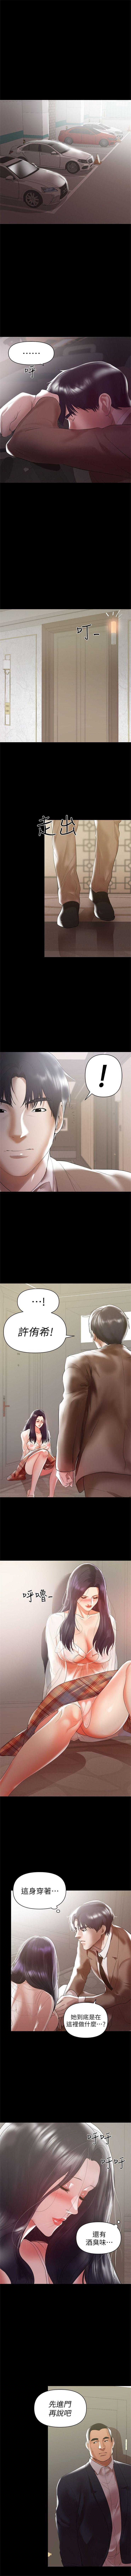 (週6)兼職奶媽 1-31 中文翻譯 (更新中) 48